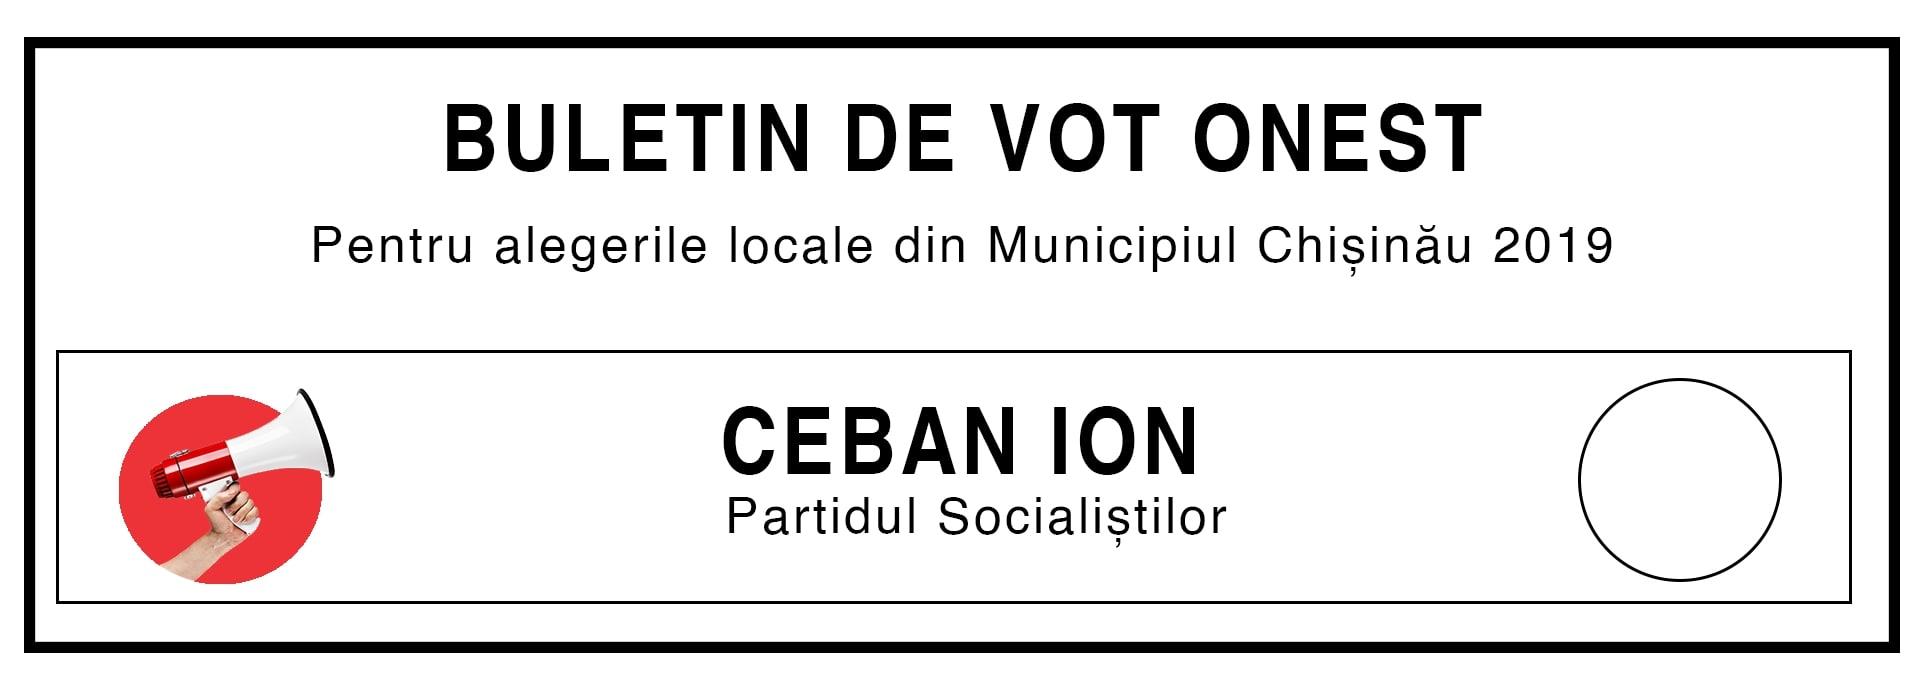 Ceban Ion